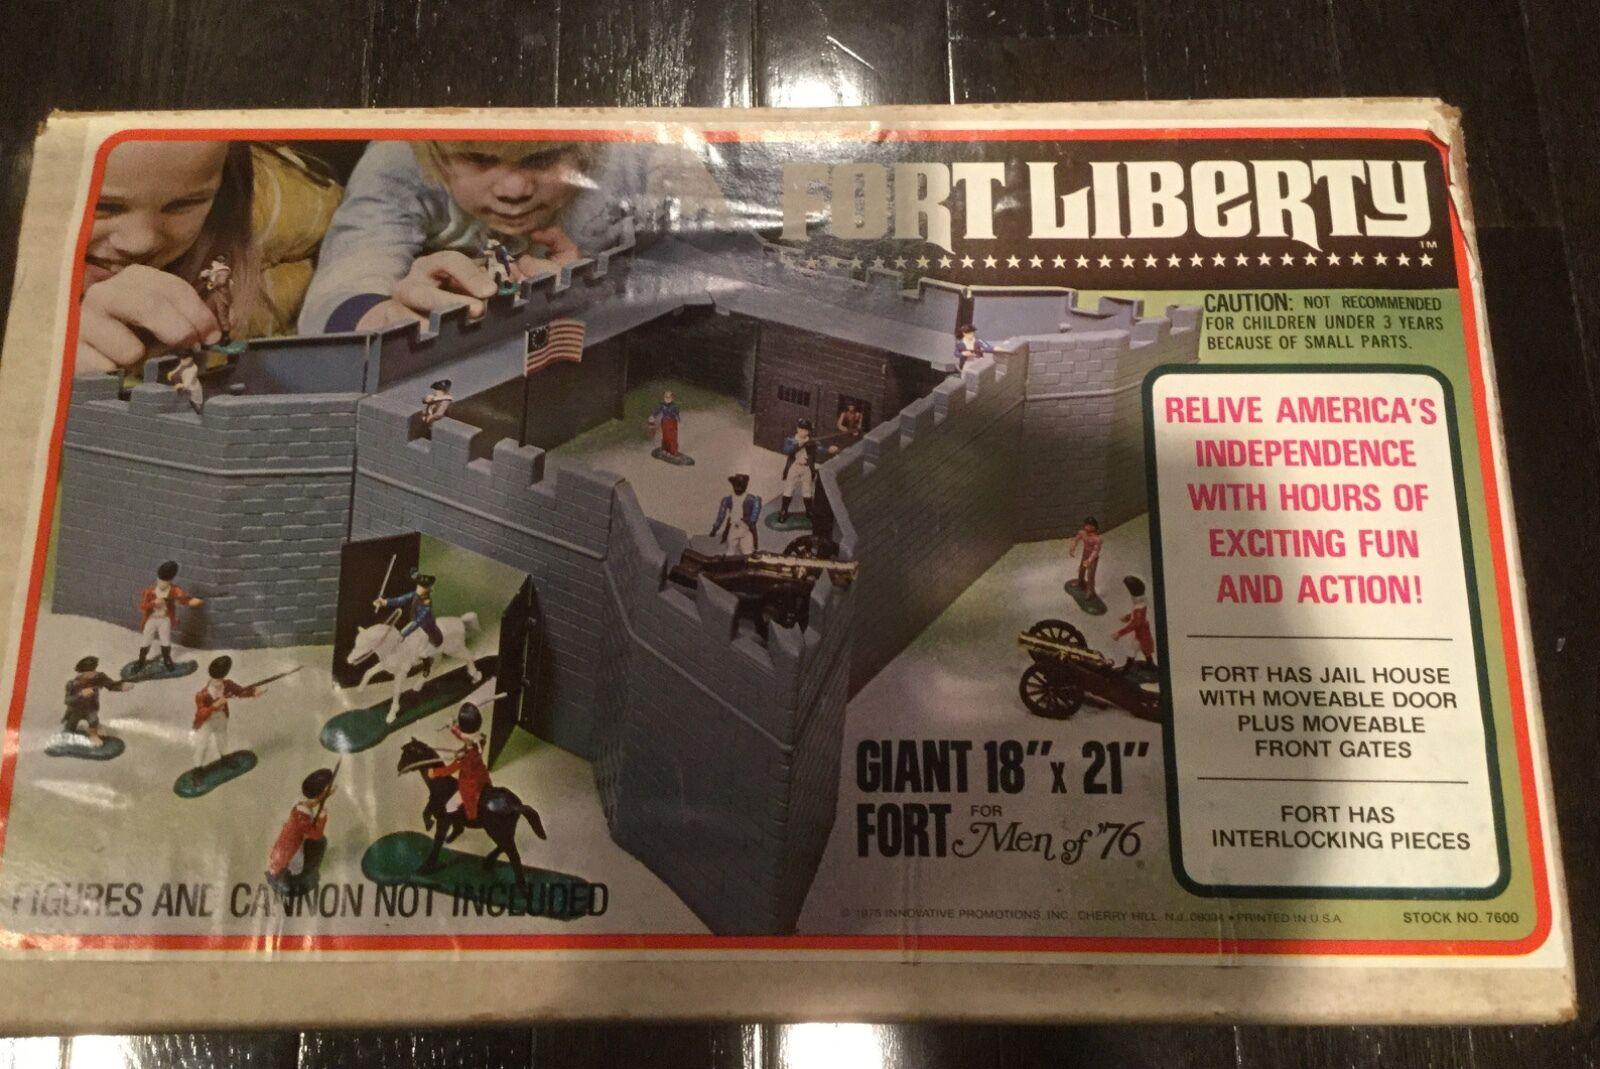 Fort Liberty hombres de 76 Guerra Revolucionaria fuerte. al innovador promociones.